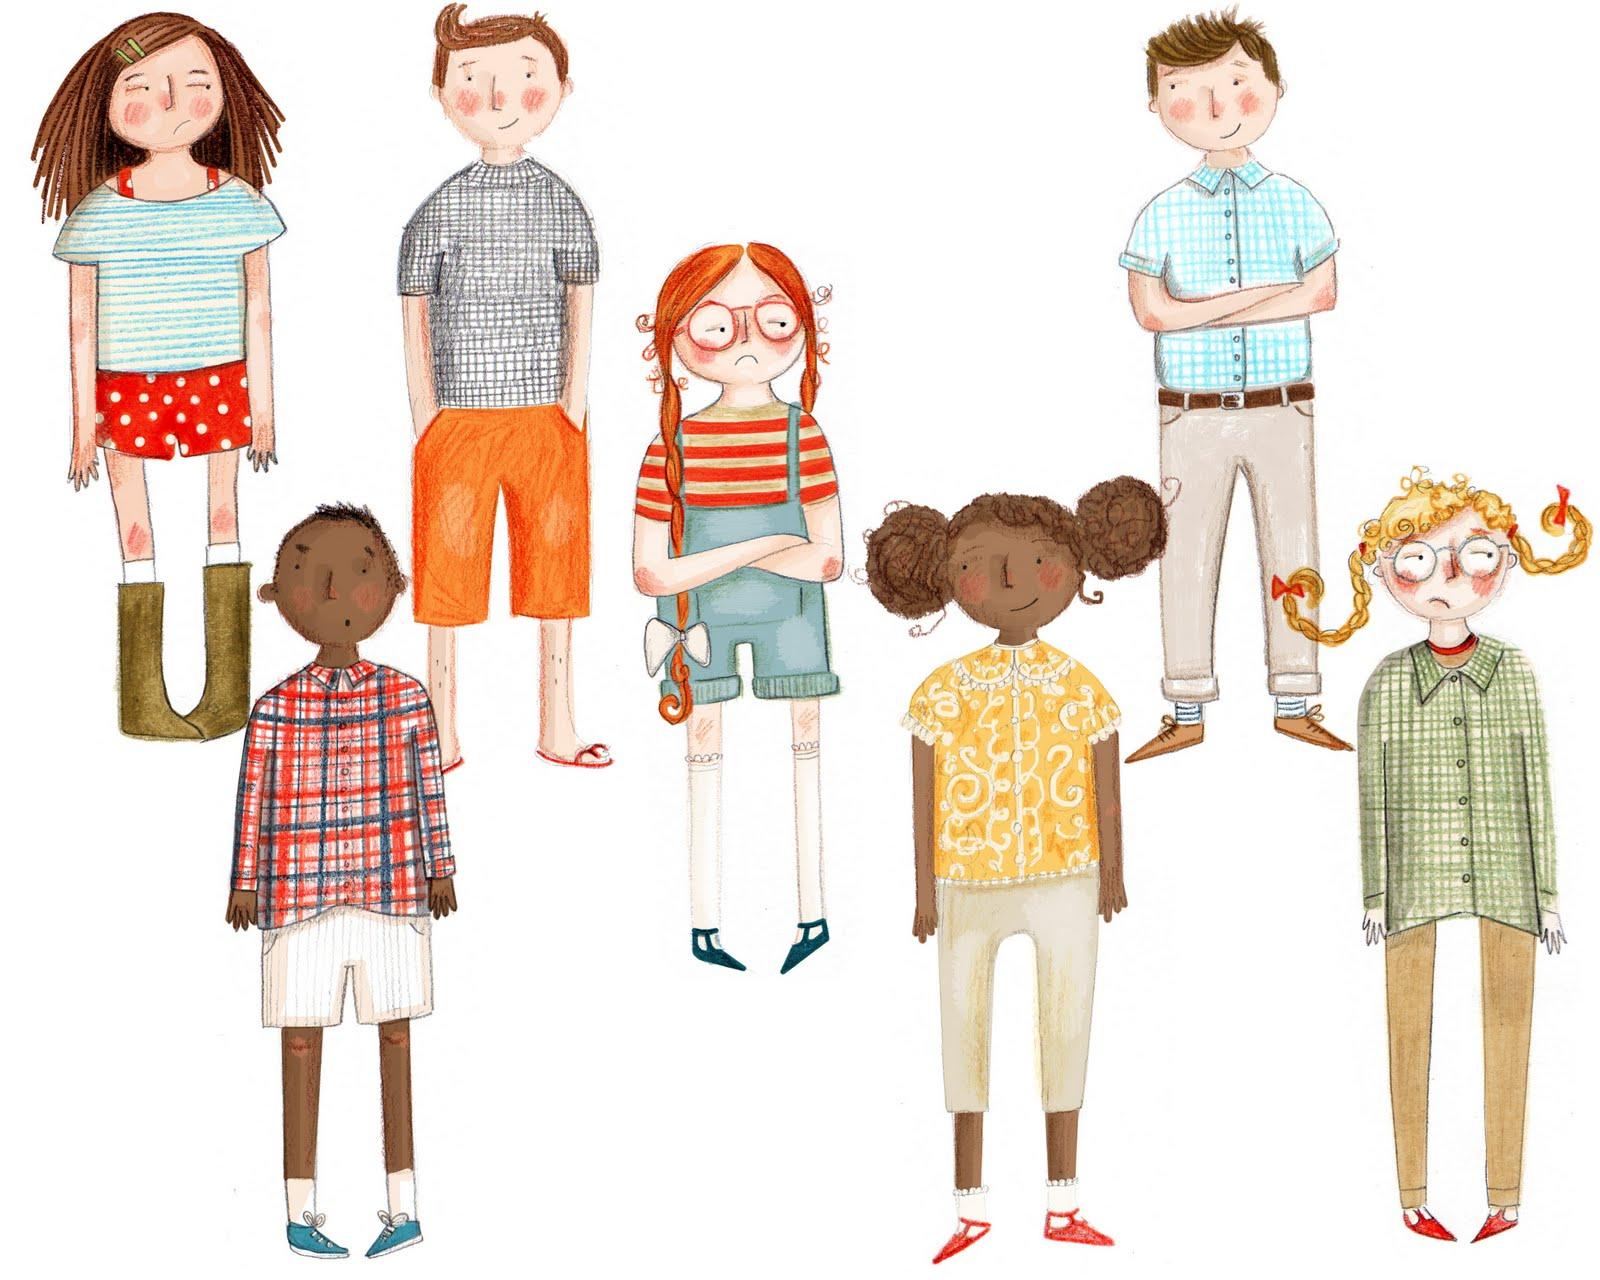 Character Design For Children S Books : Kristyna litten character development